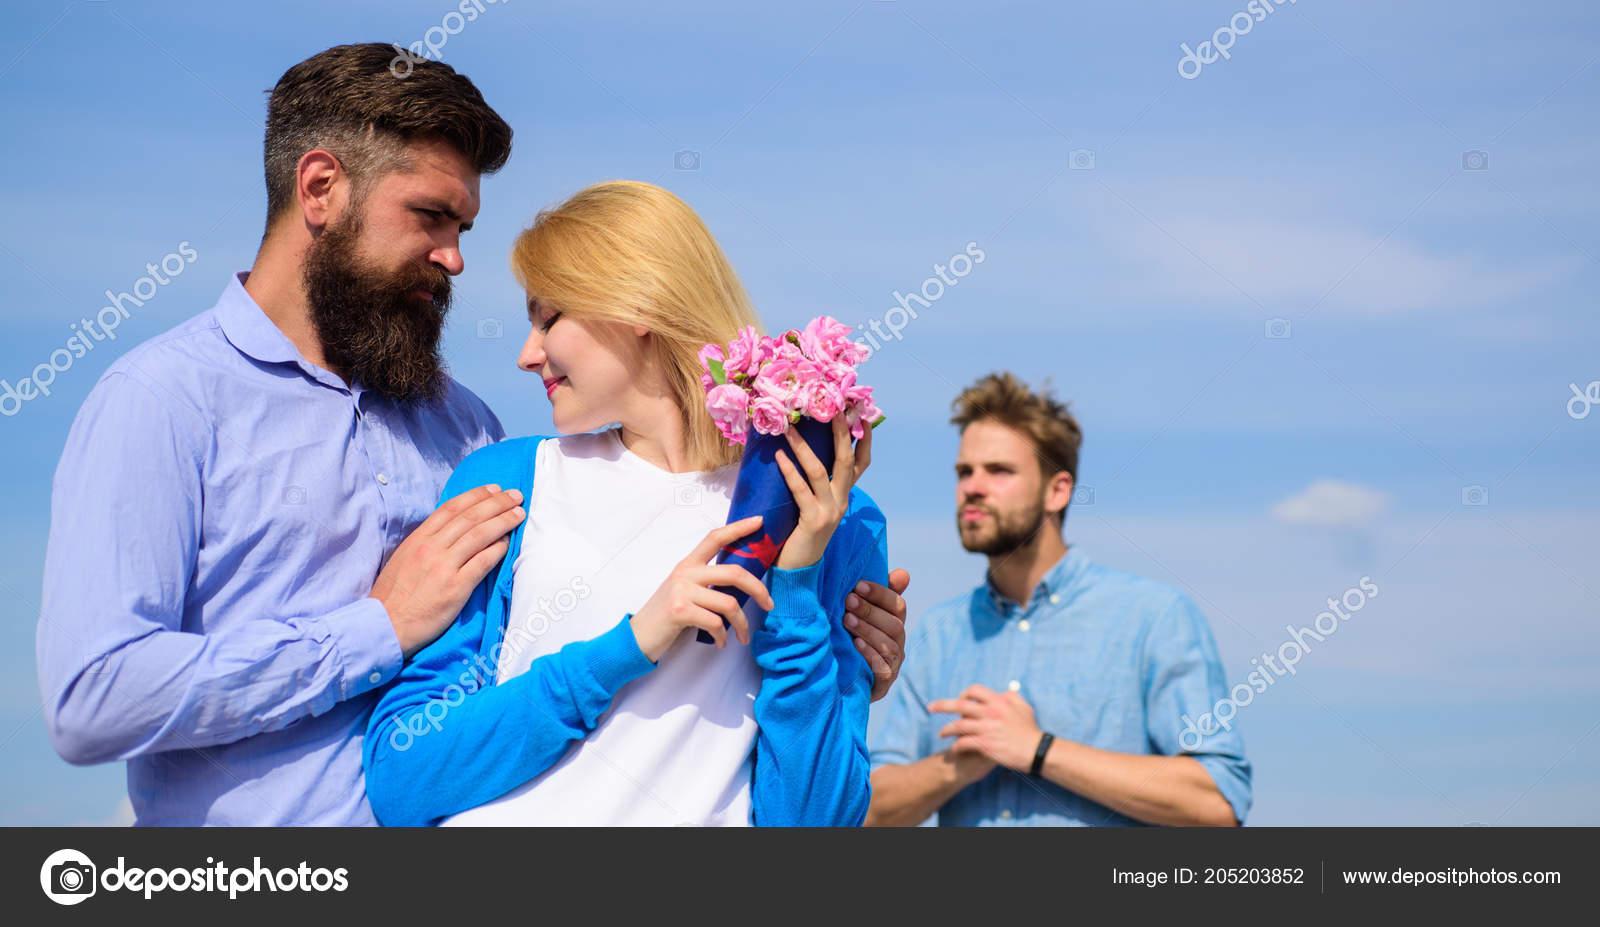 Femme cancéreuse et homme Gémeaux datant